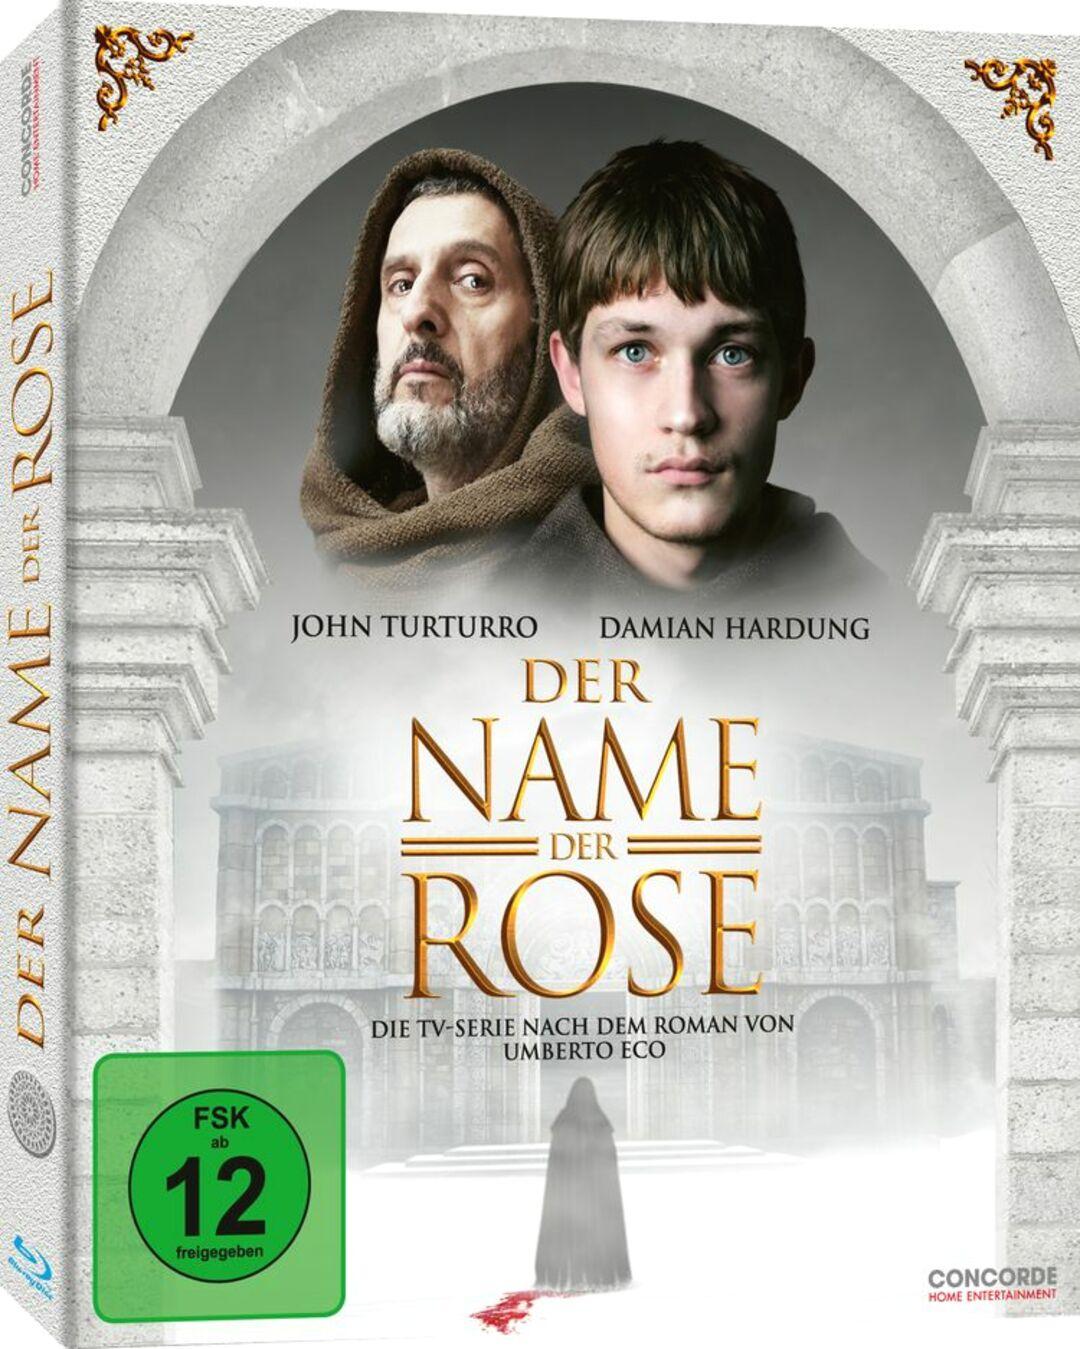 Der Name Der Rose (Serie) Trailer - Bild 1 von 9